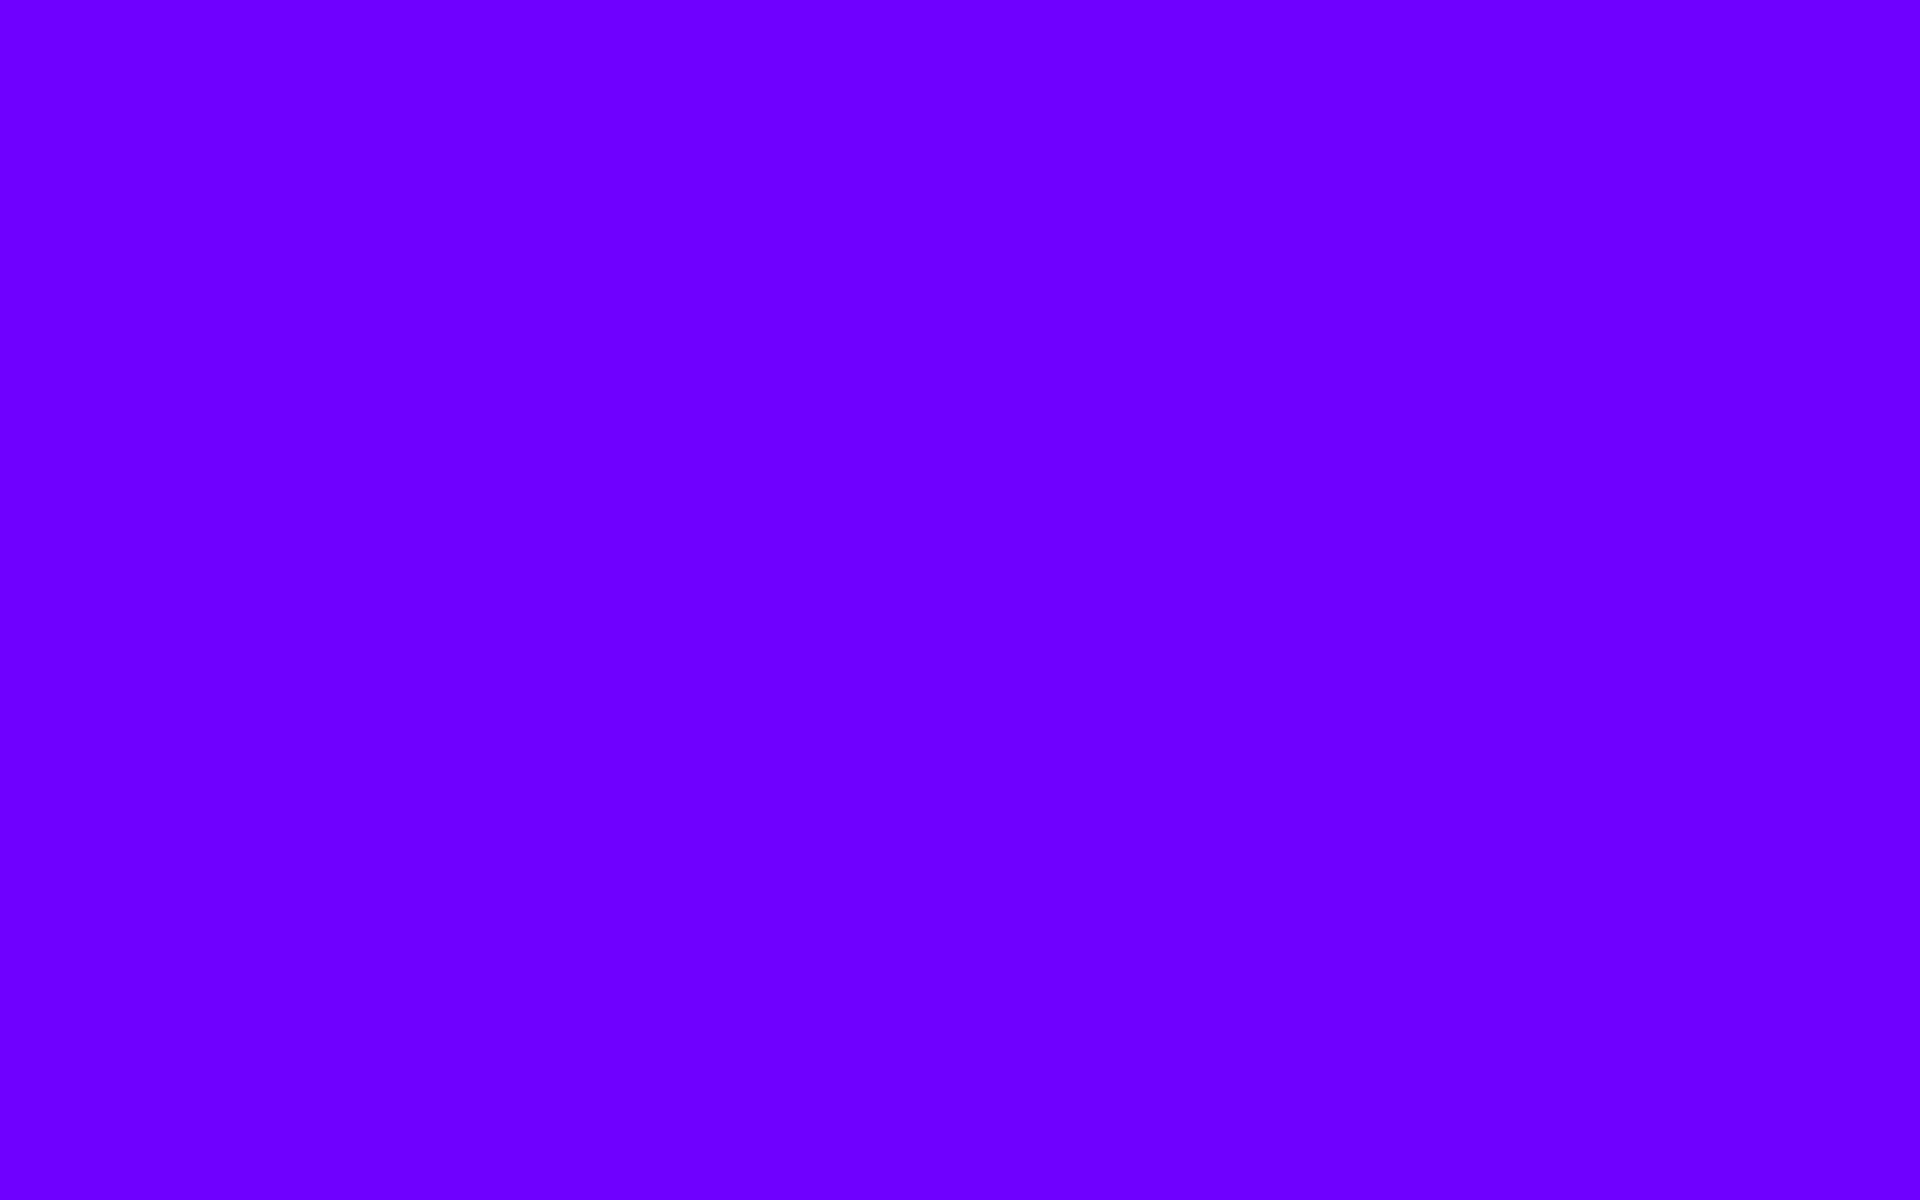 1920x1200 Indigo Solid Color Background